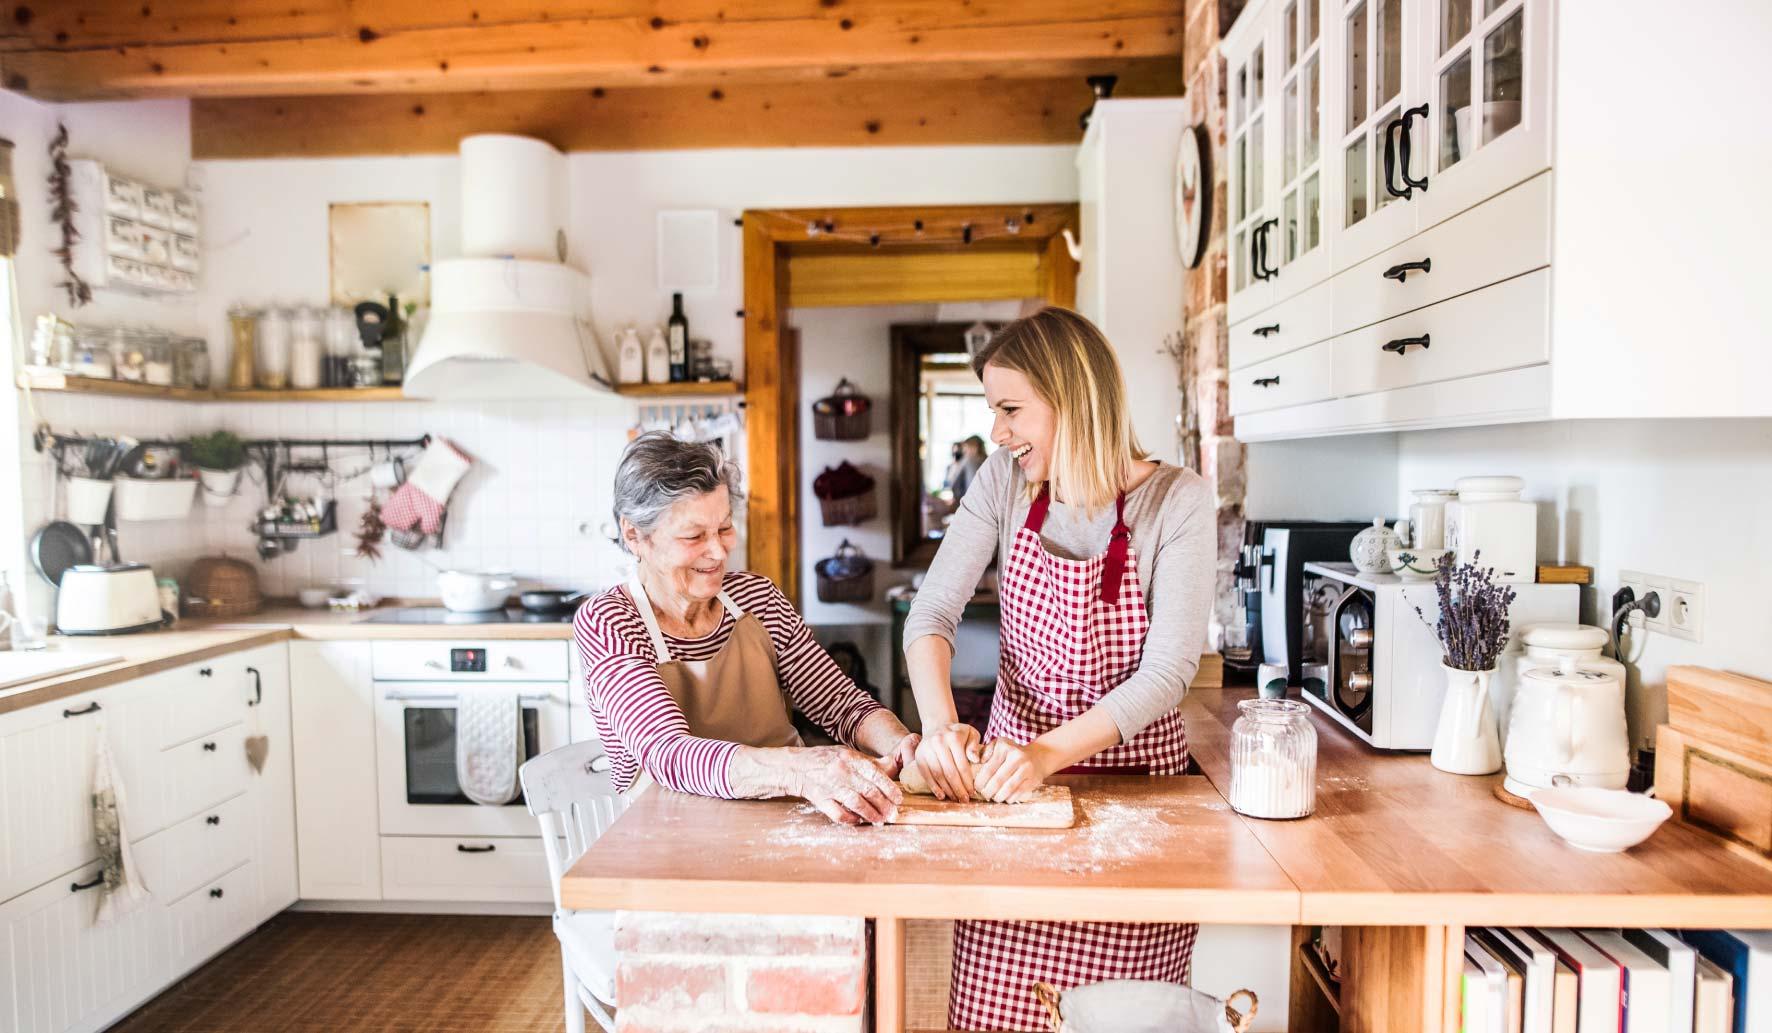 Une accueillante familial entrain de faire la cuisine avec une personne âgée.